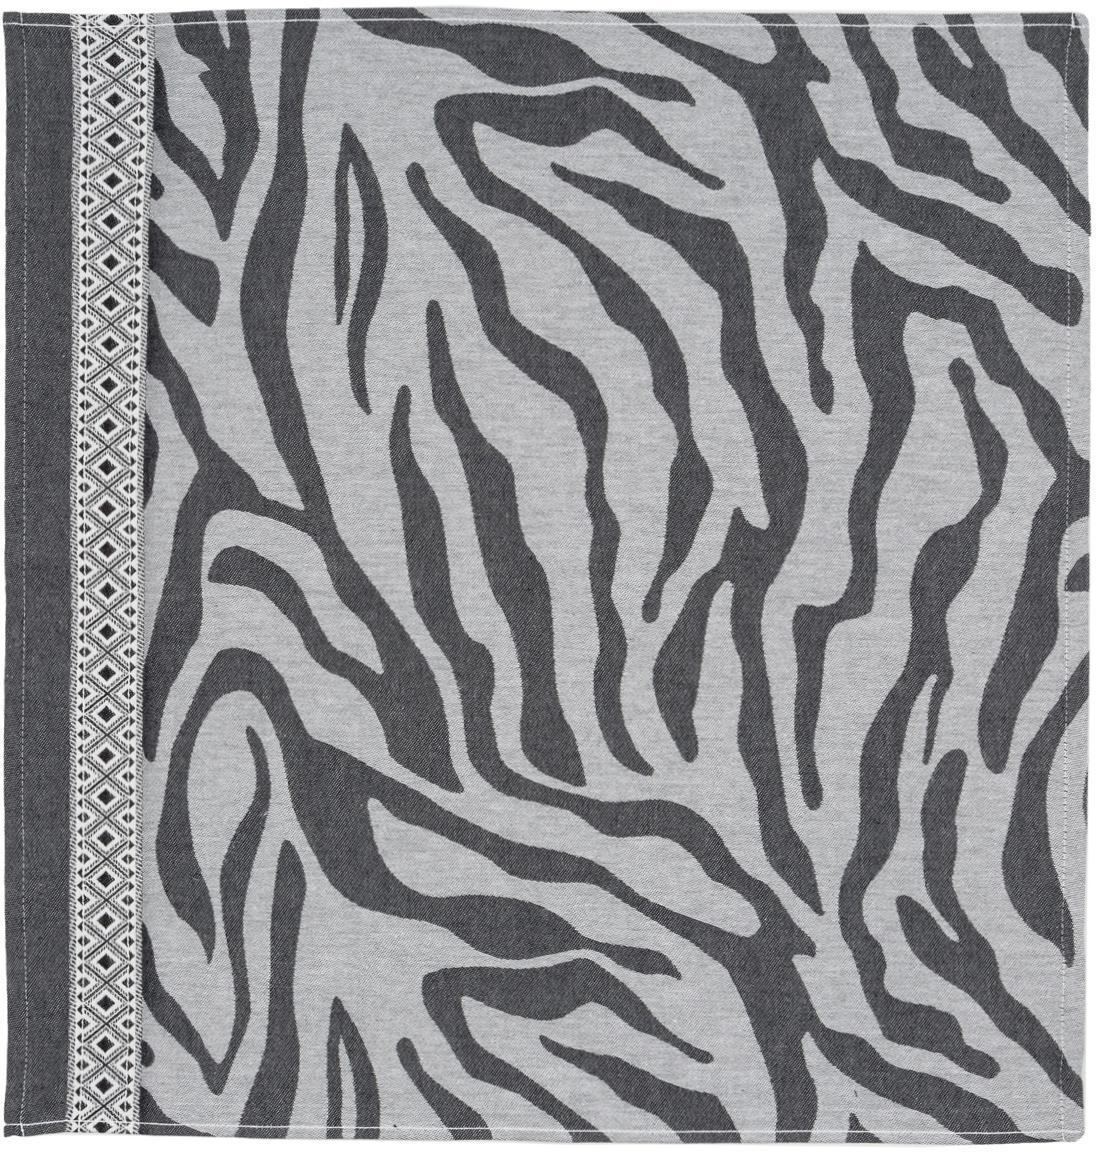 Geschirrtücher Africa mit Zebramuster, 6 Stück, Baumwolle, Schwarz, Weiss, 60 x 65 cm